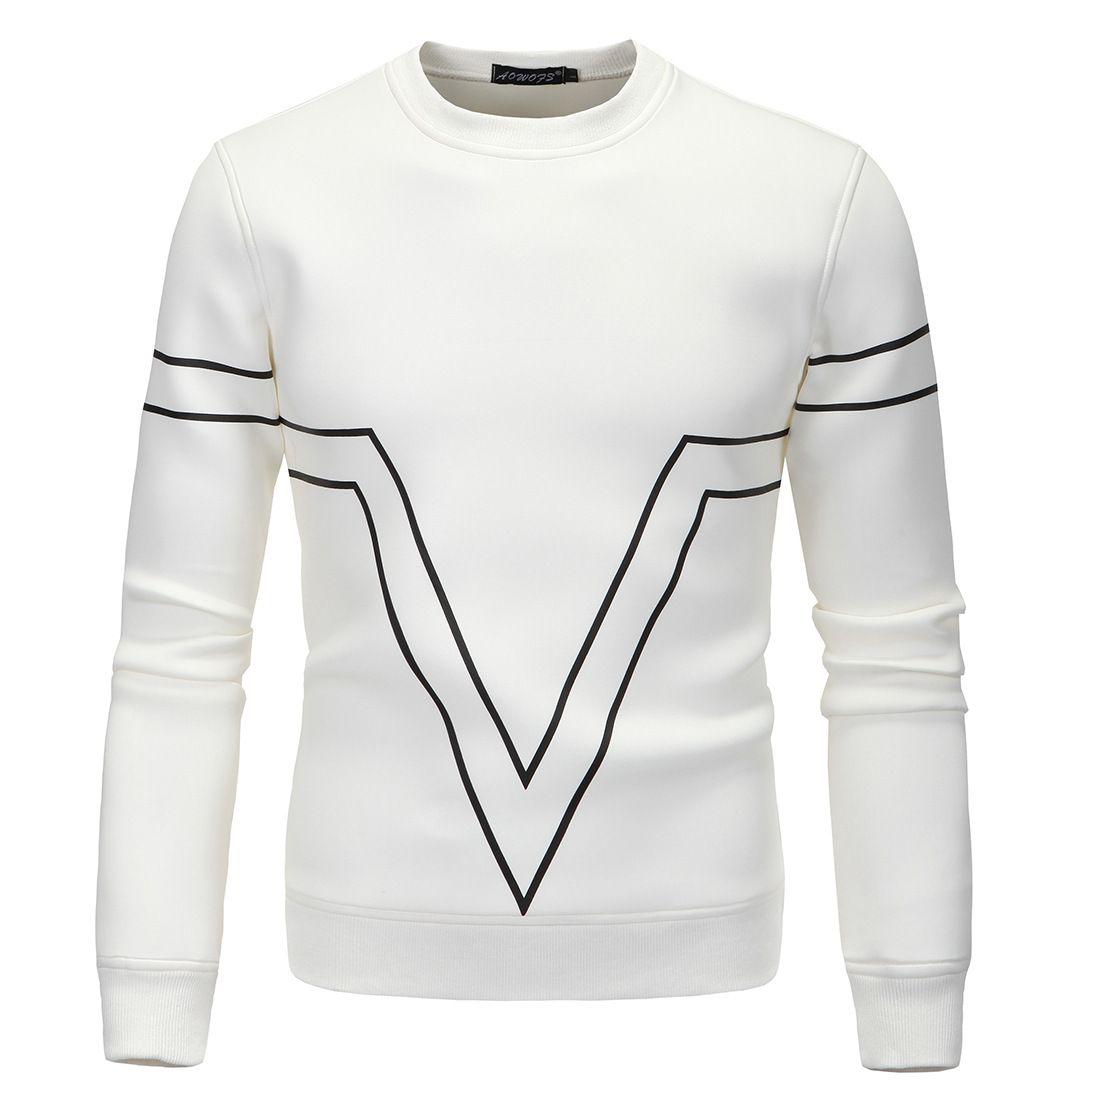 Erkek Kapüşonlular 2020 Yeni Geliş Moda Günlük Yüksek Kalite Uzun Kollu O-Boyun Tişörtü Siyah Beyaz Kırmızı